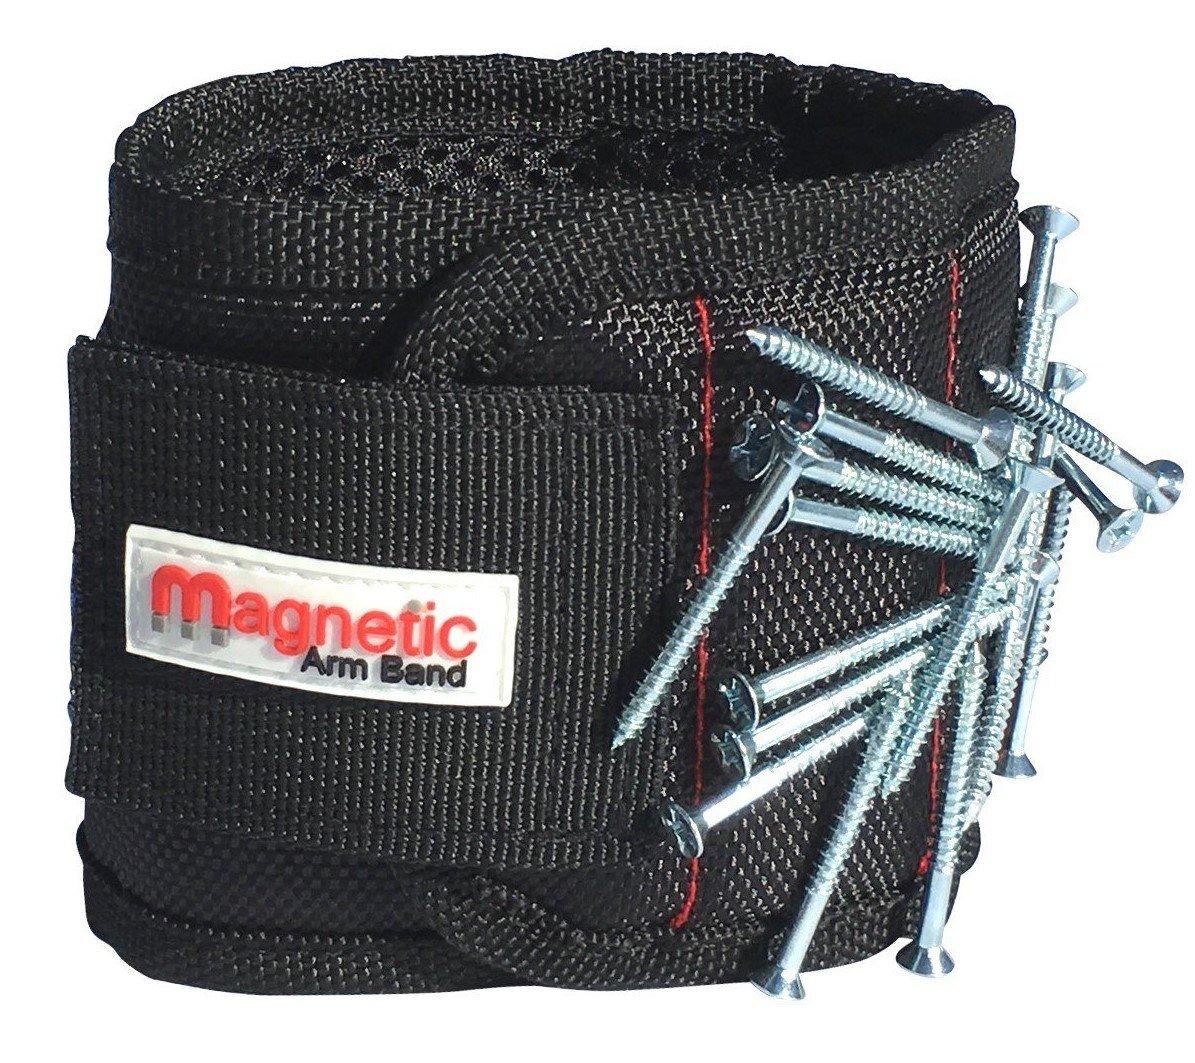 Bracelet magné tique –  10 aimants en né odyme inté gré s sur toute la longueur du bracelet pour faire tenir clous, vis, embouts, fixations, rondelles, boulons, petits outils, et bien plus encore.